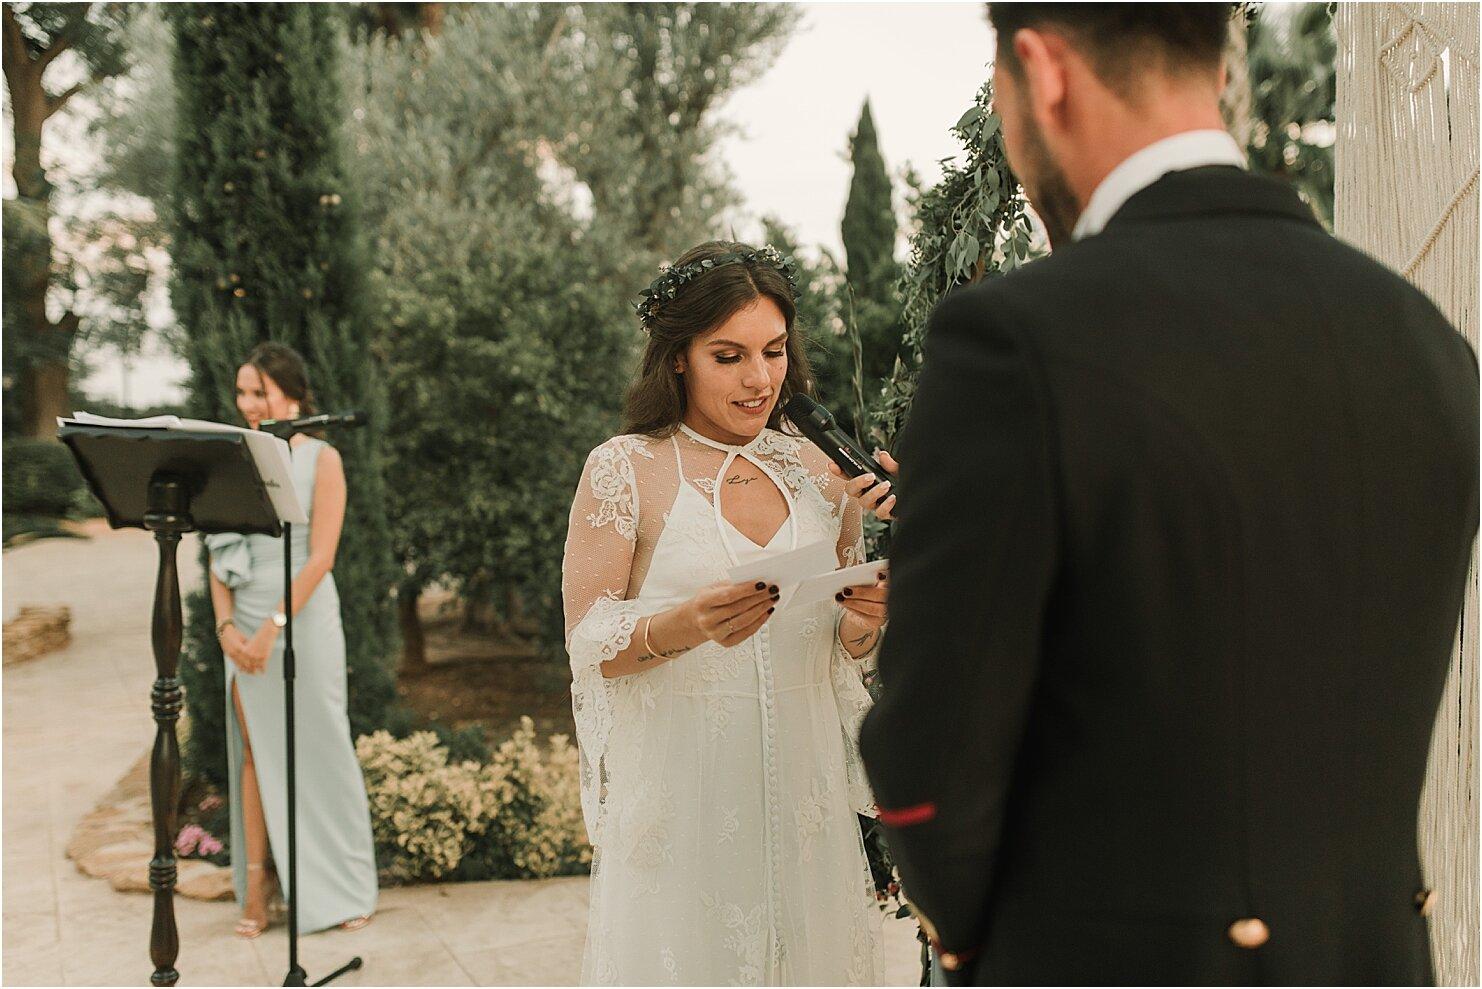 boda-romantica-boda-boho-vestido-de-novia-laura-lomas32.jpg